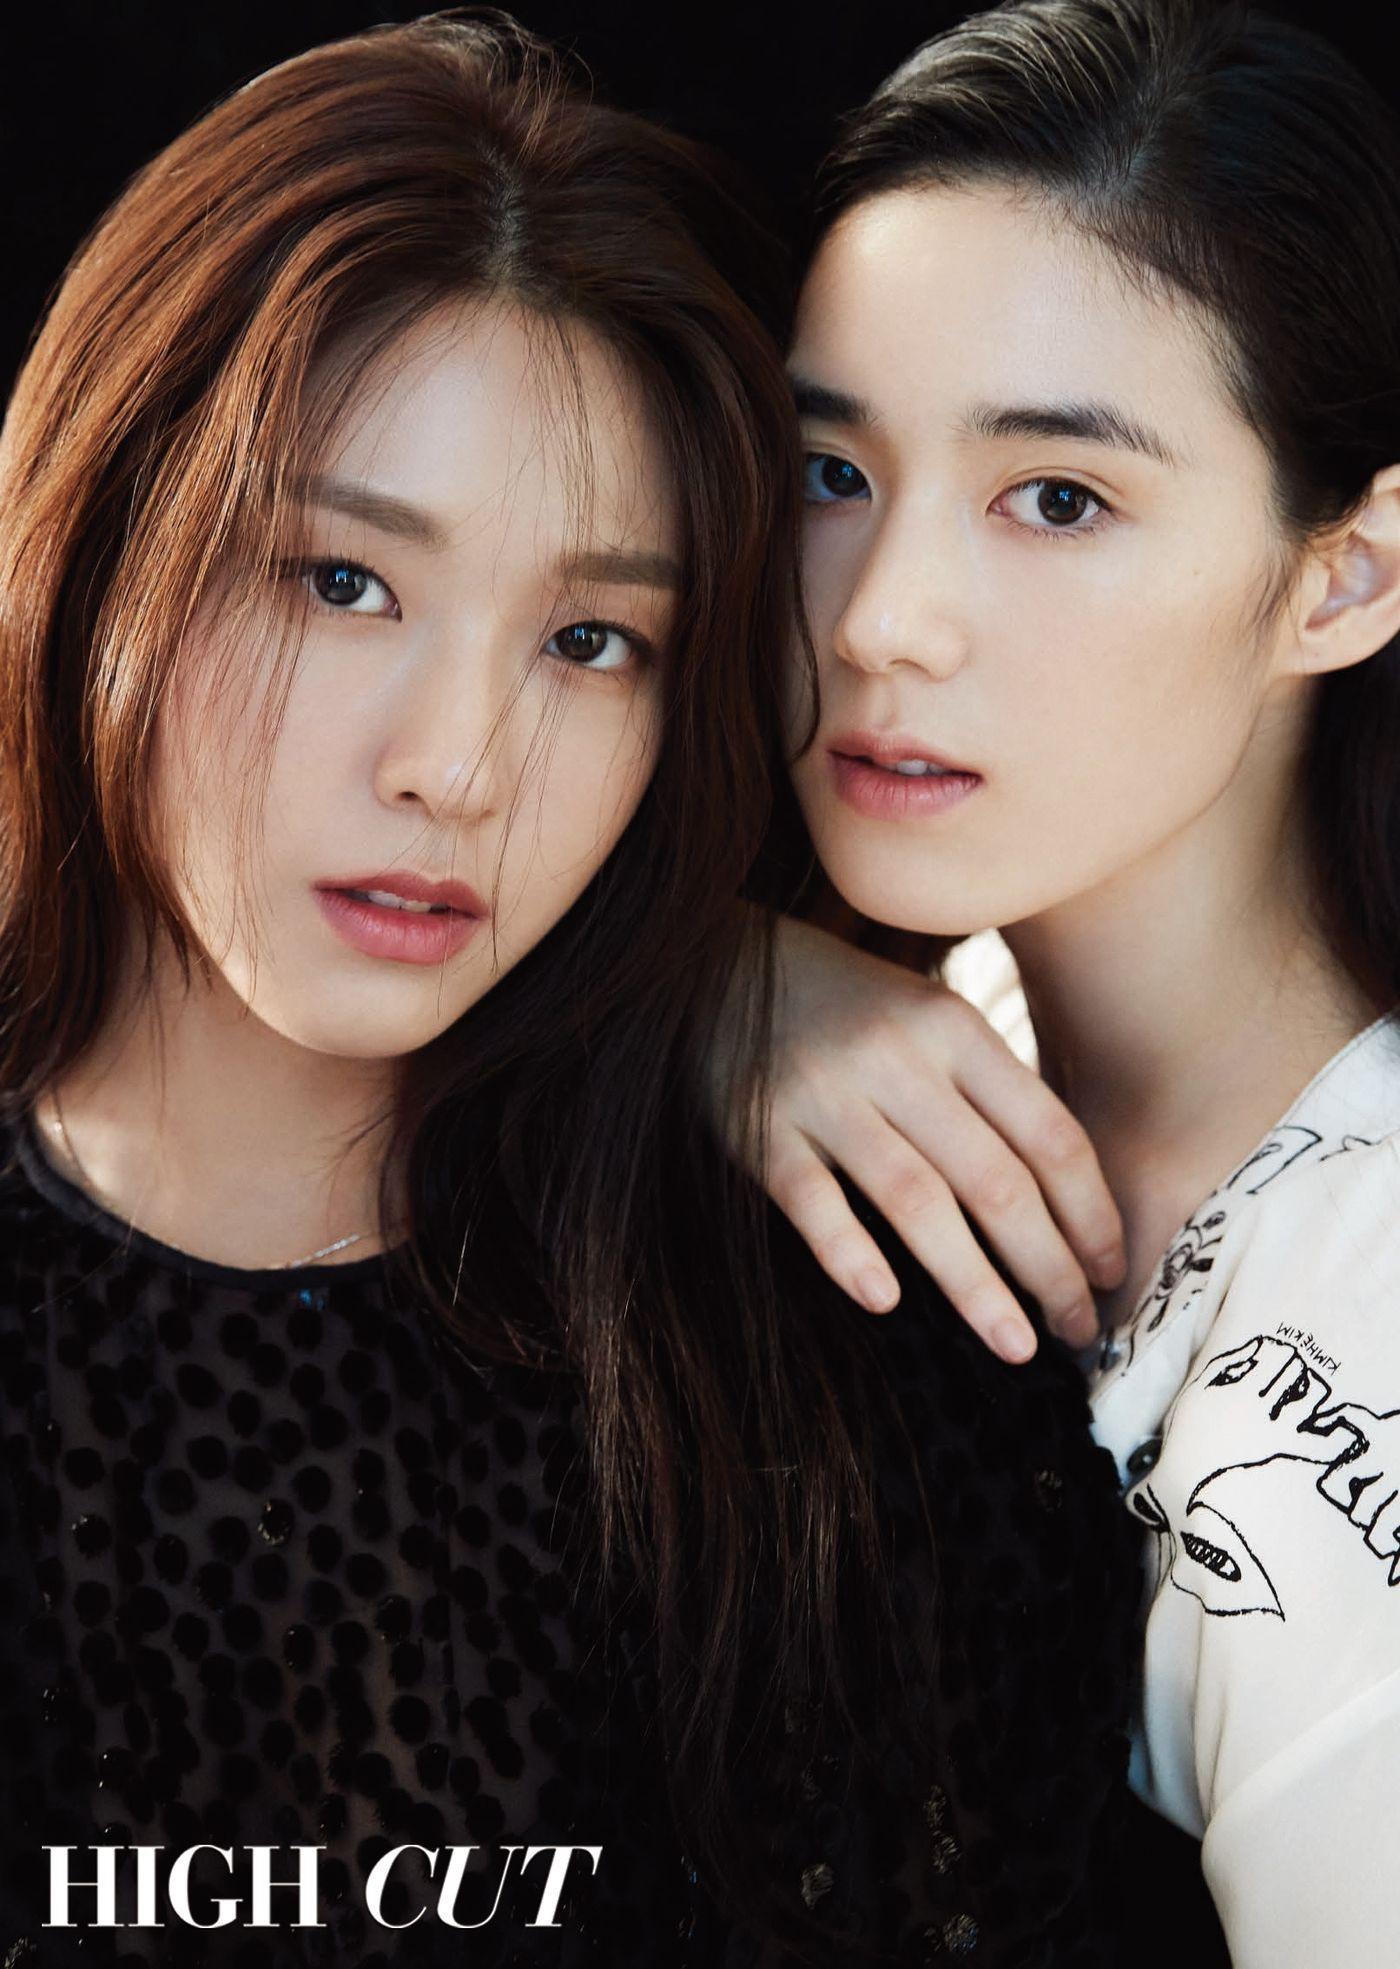 Khác biệt giữa chân dài Kpop và nữ phụ: Người được Jo In Sung, Nam Joo Hyuk chăm như bà hoàng, kẻ bị ngó lơ - Ảnh 11.